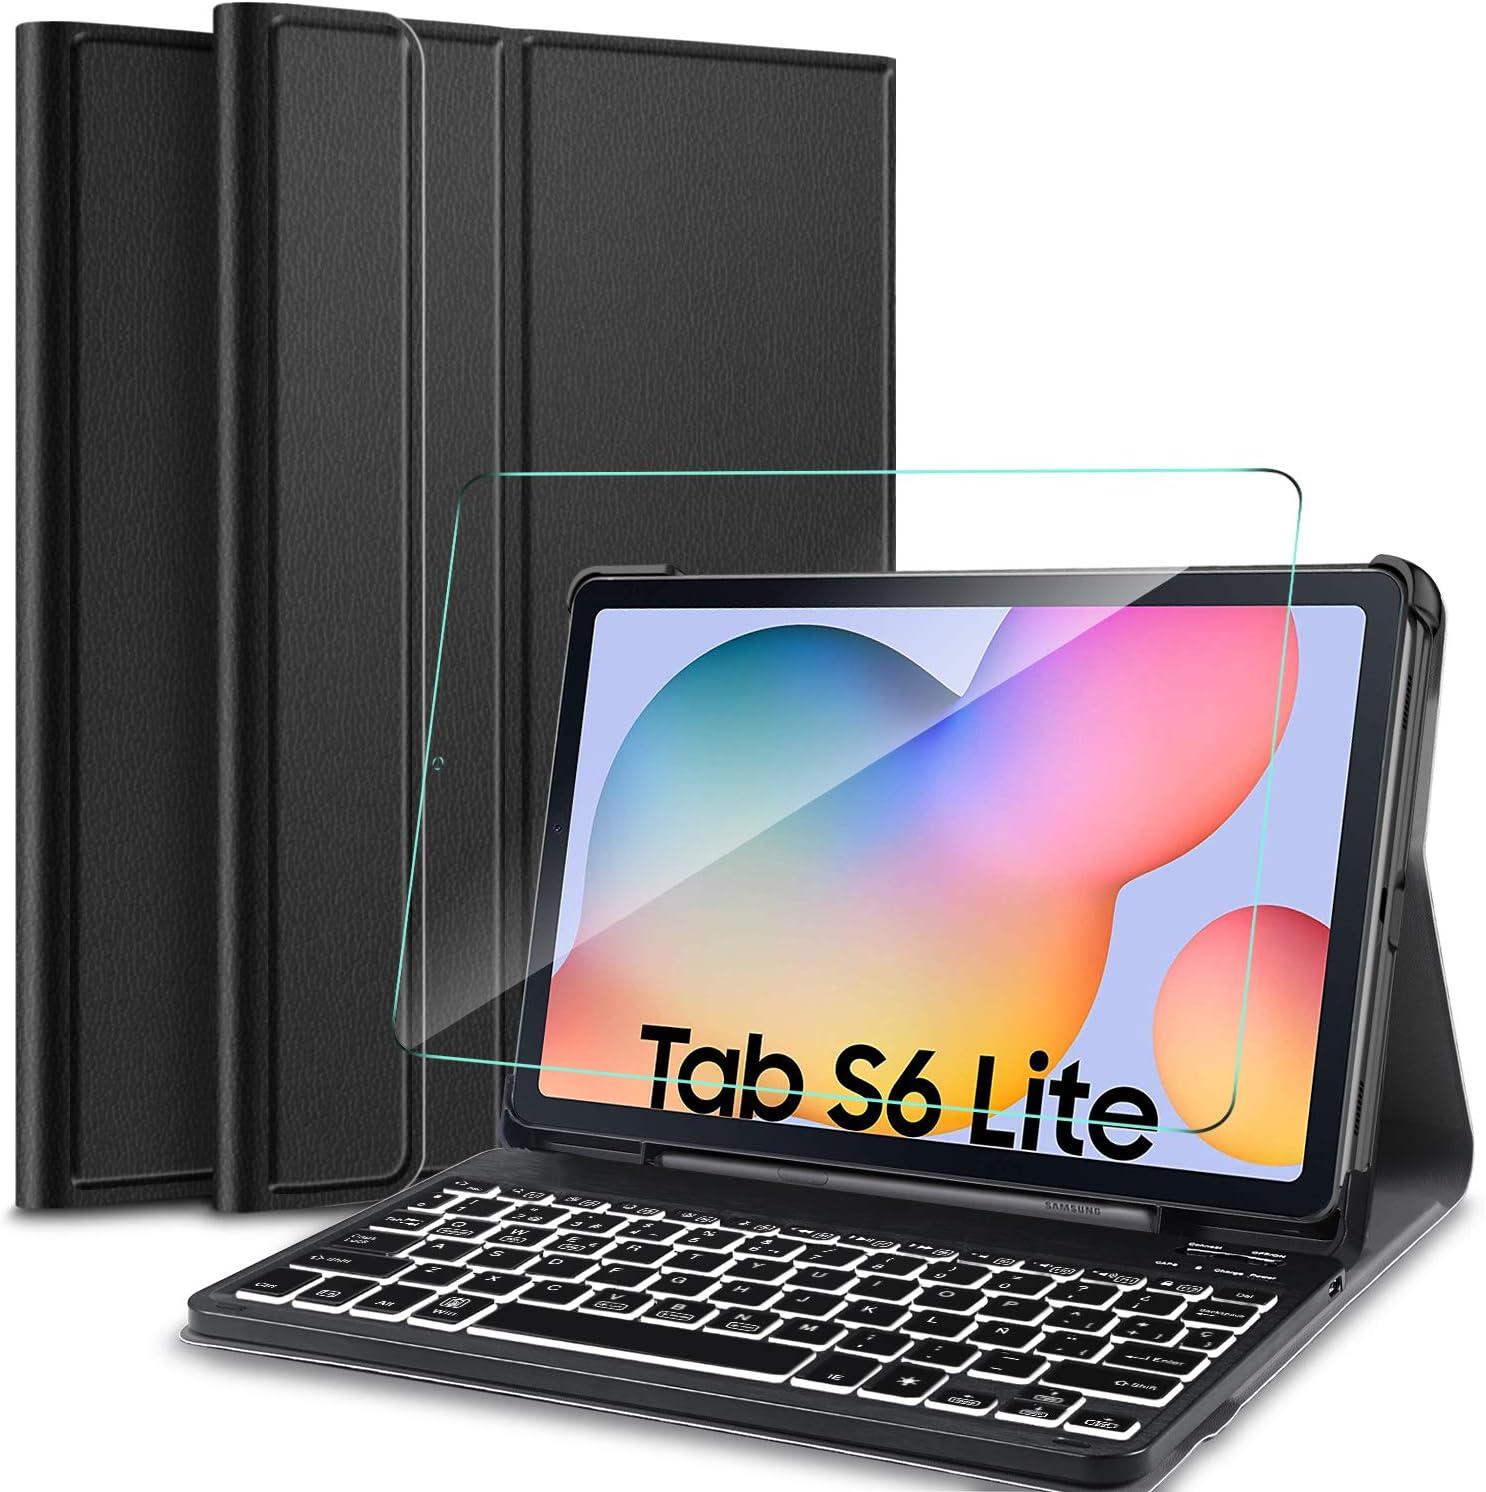 IVSO Español Teclado para Samsung Galaxy Tab S6 Lite, Protector de Pantalla para Samsung Galaxy Tab S6 Lite 10.4 2020, Funda con 7 Colores ...